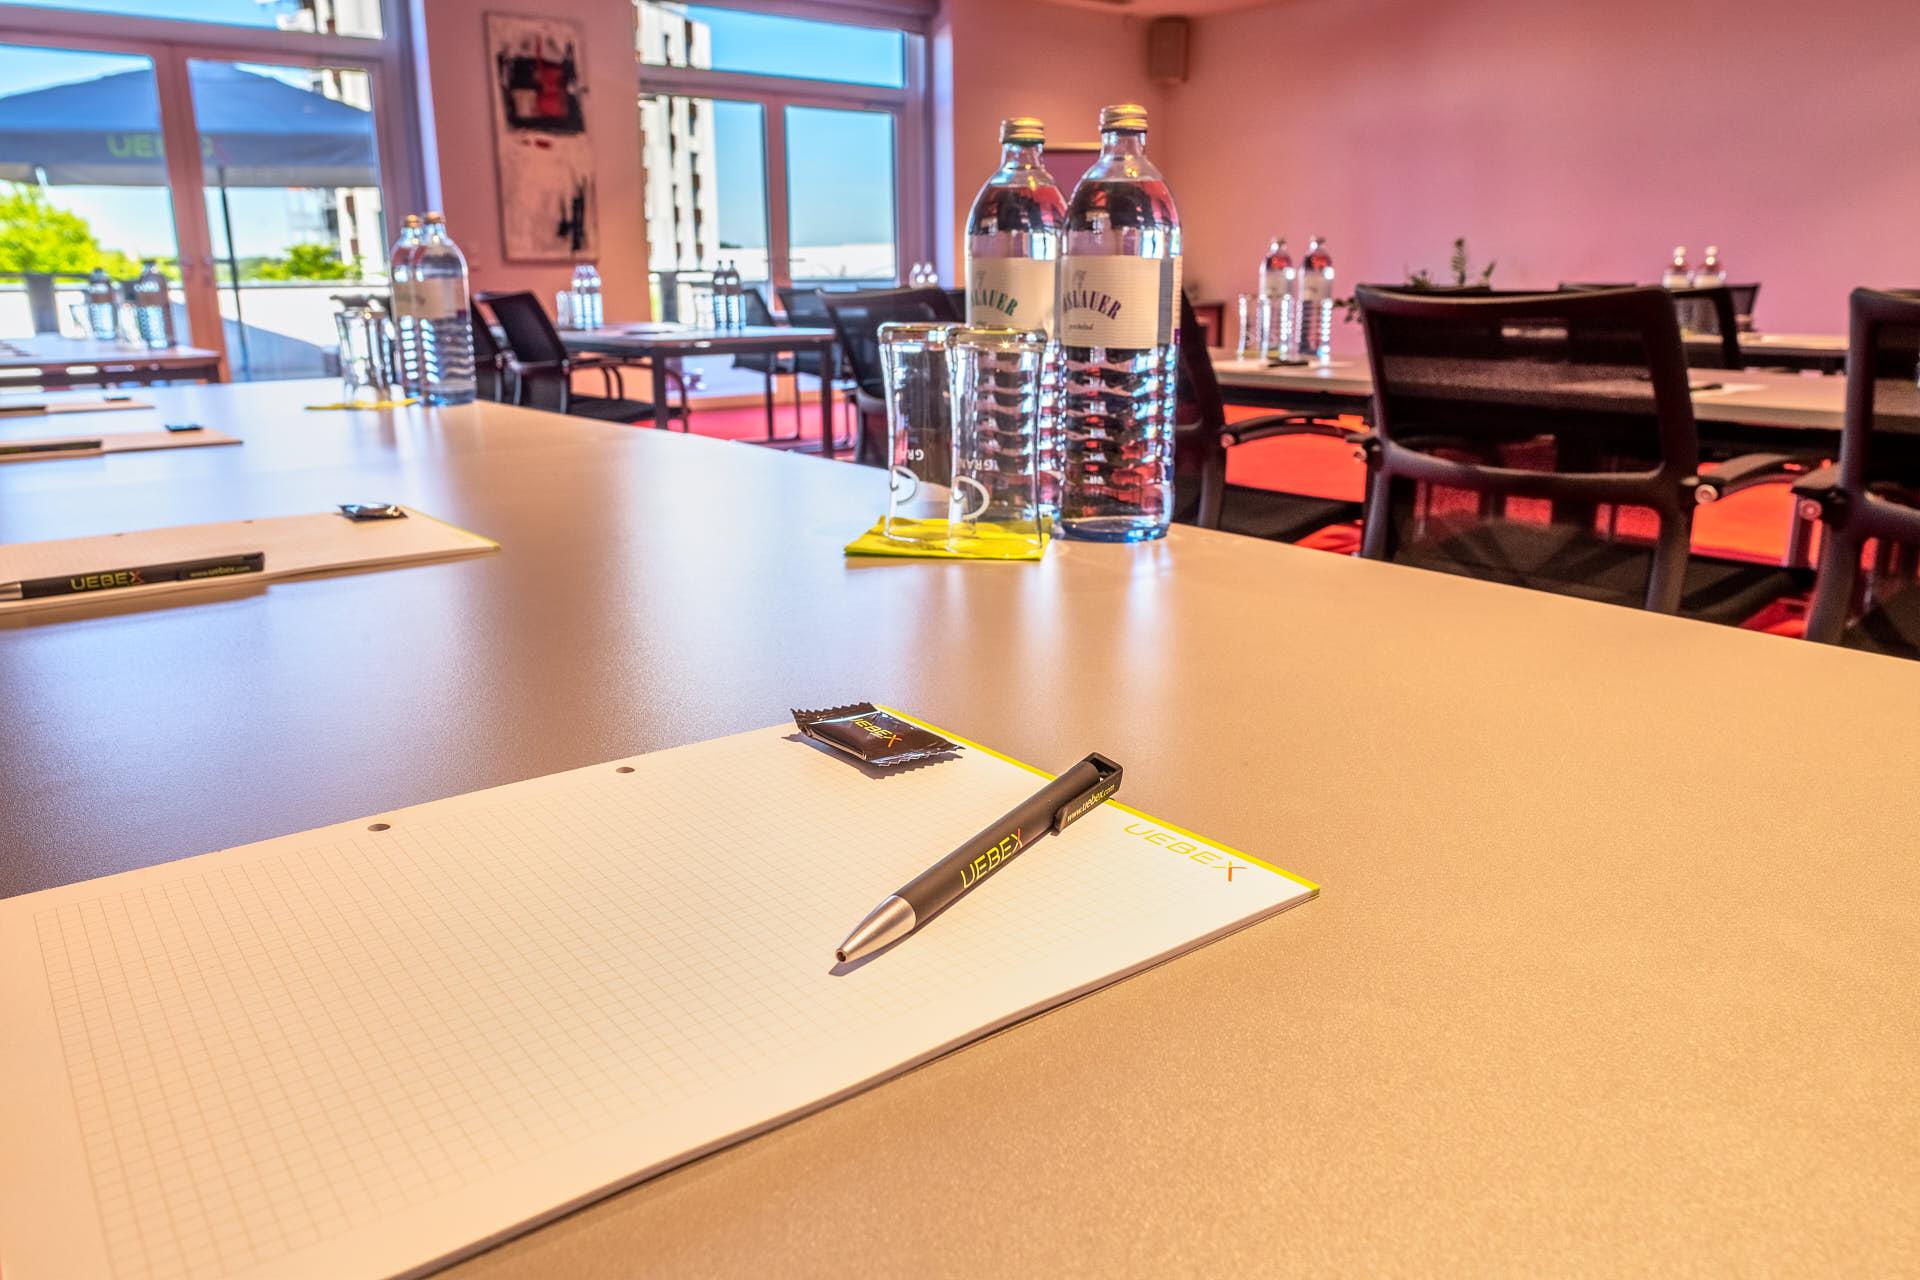 Saturn / Klassenzimmer-Bestuhlung: Platz für 40 Personen.